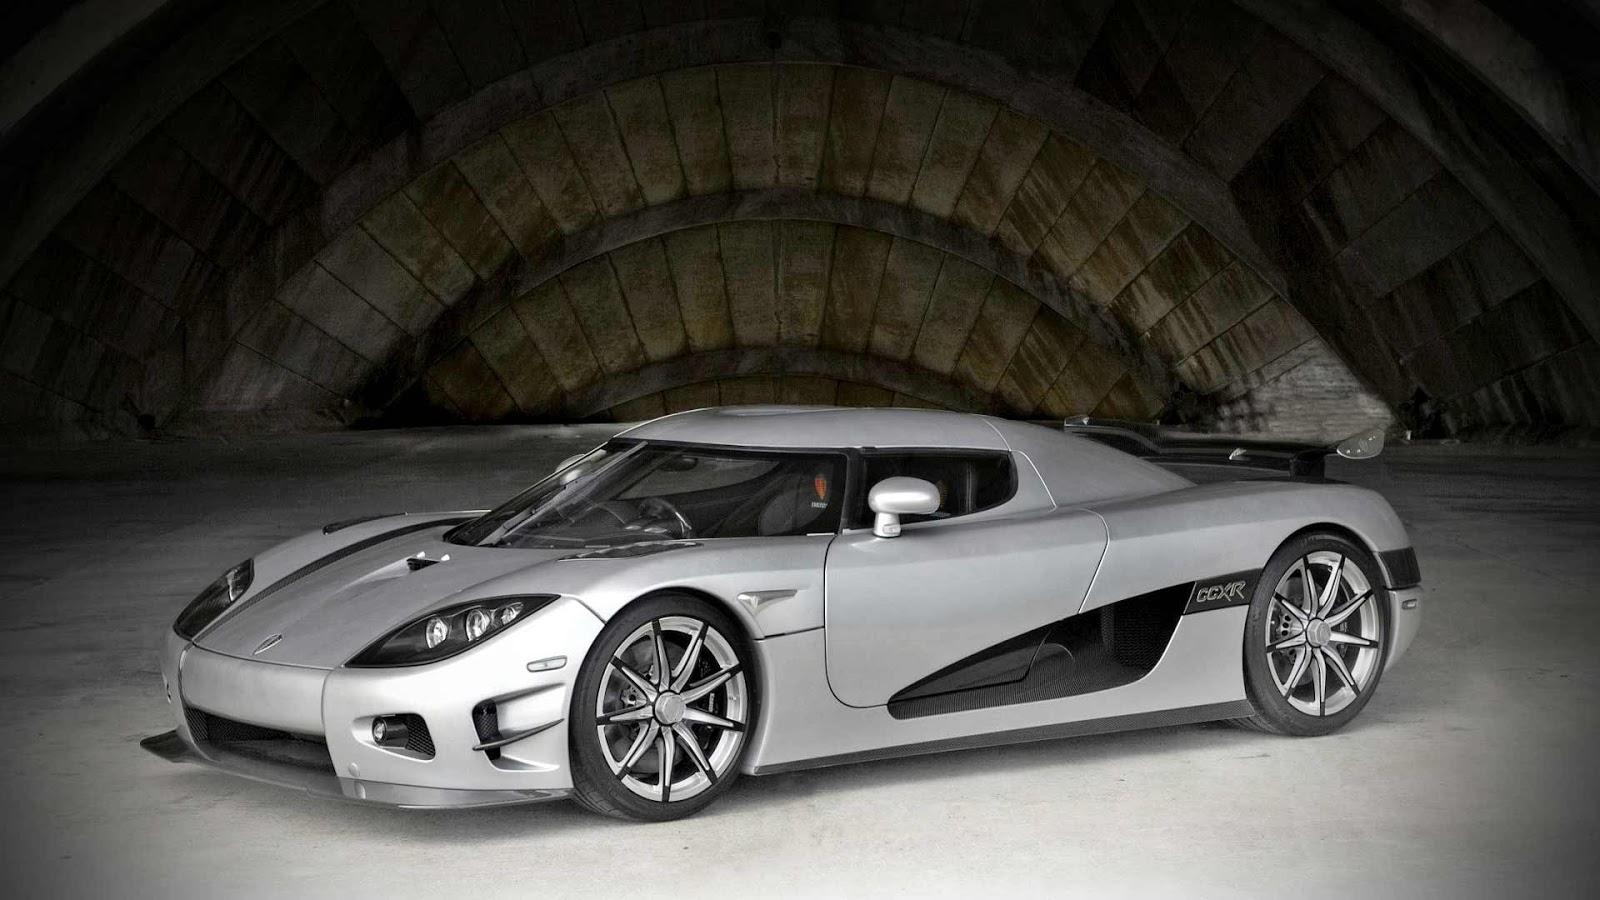 Koenigsegg CCXR Trevita Supercardrenaline Free Full HD Wallpaper